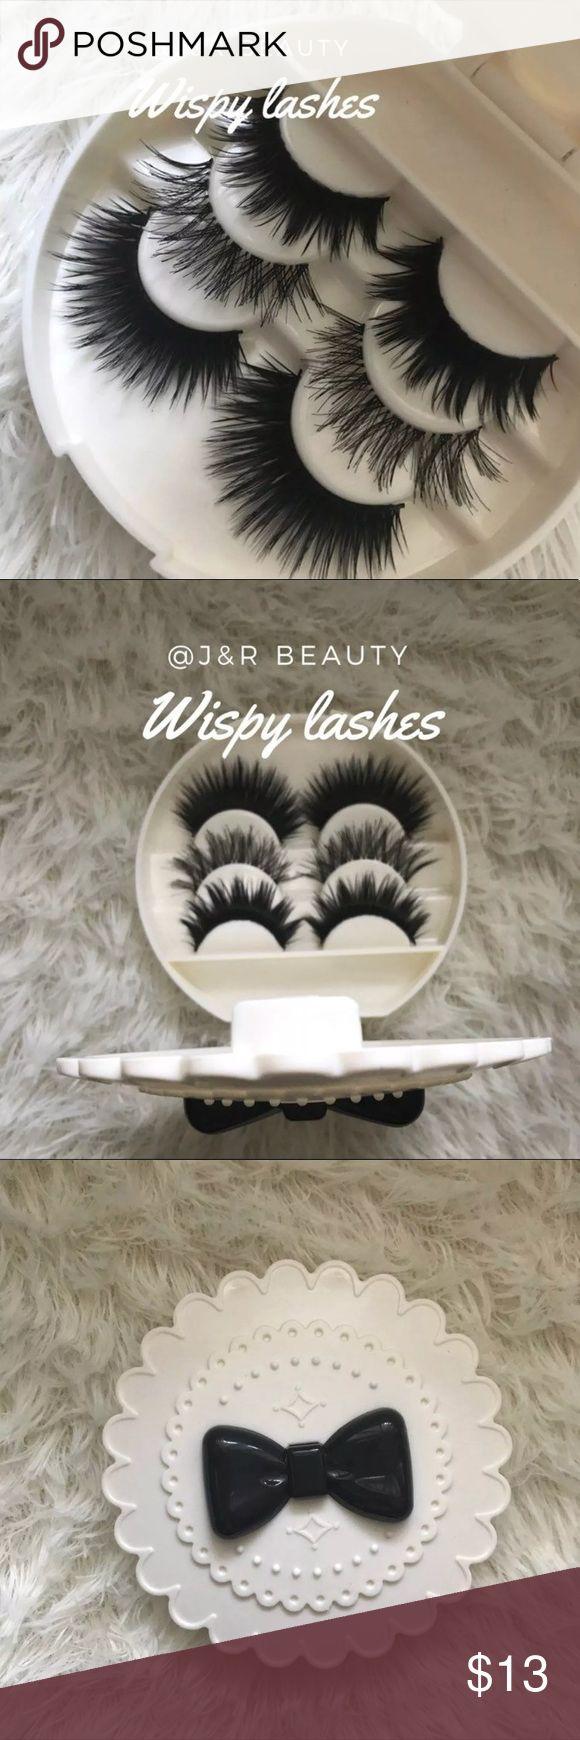 Eyelashes + Eyelash Case # tags Iconic, mink, red cherry eyelashes, house of lashes, doll, kawaii, case, full, natural,  Koko, Ardell, wispies, Demi , makeup, Iconic, mink, red cherry eyelashes, house of lashes, doll, kawaii, case, full, natural,  Koko, Ardell, wispies, Demi , makeup, mascara, eyelash applicator, Mykonos Mink , Lashes , wispy ,eyelash case, mink lashes  Ship within 24 hours ❣️ Makeup False Eyelashes